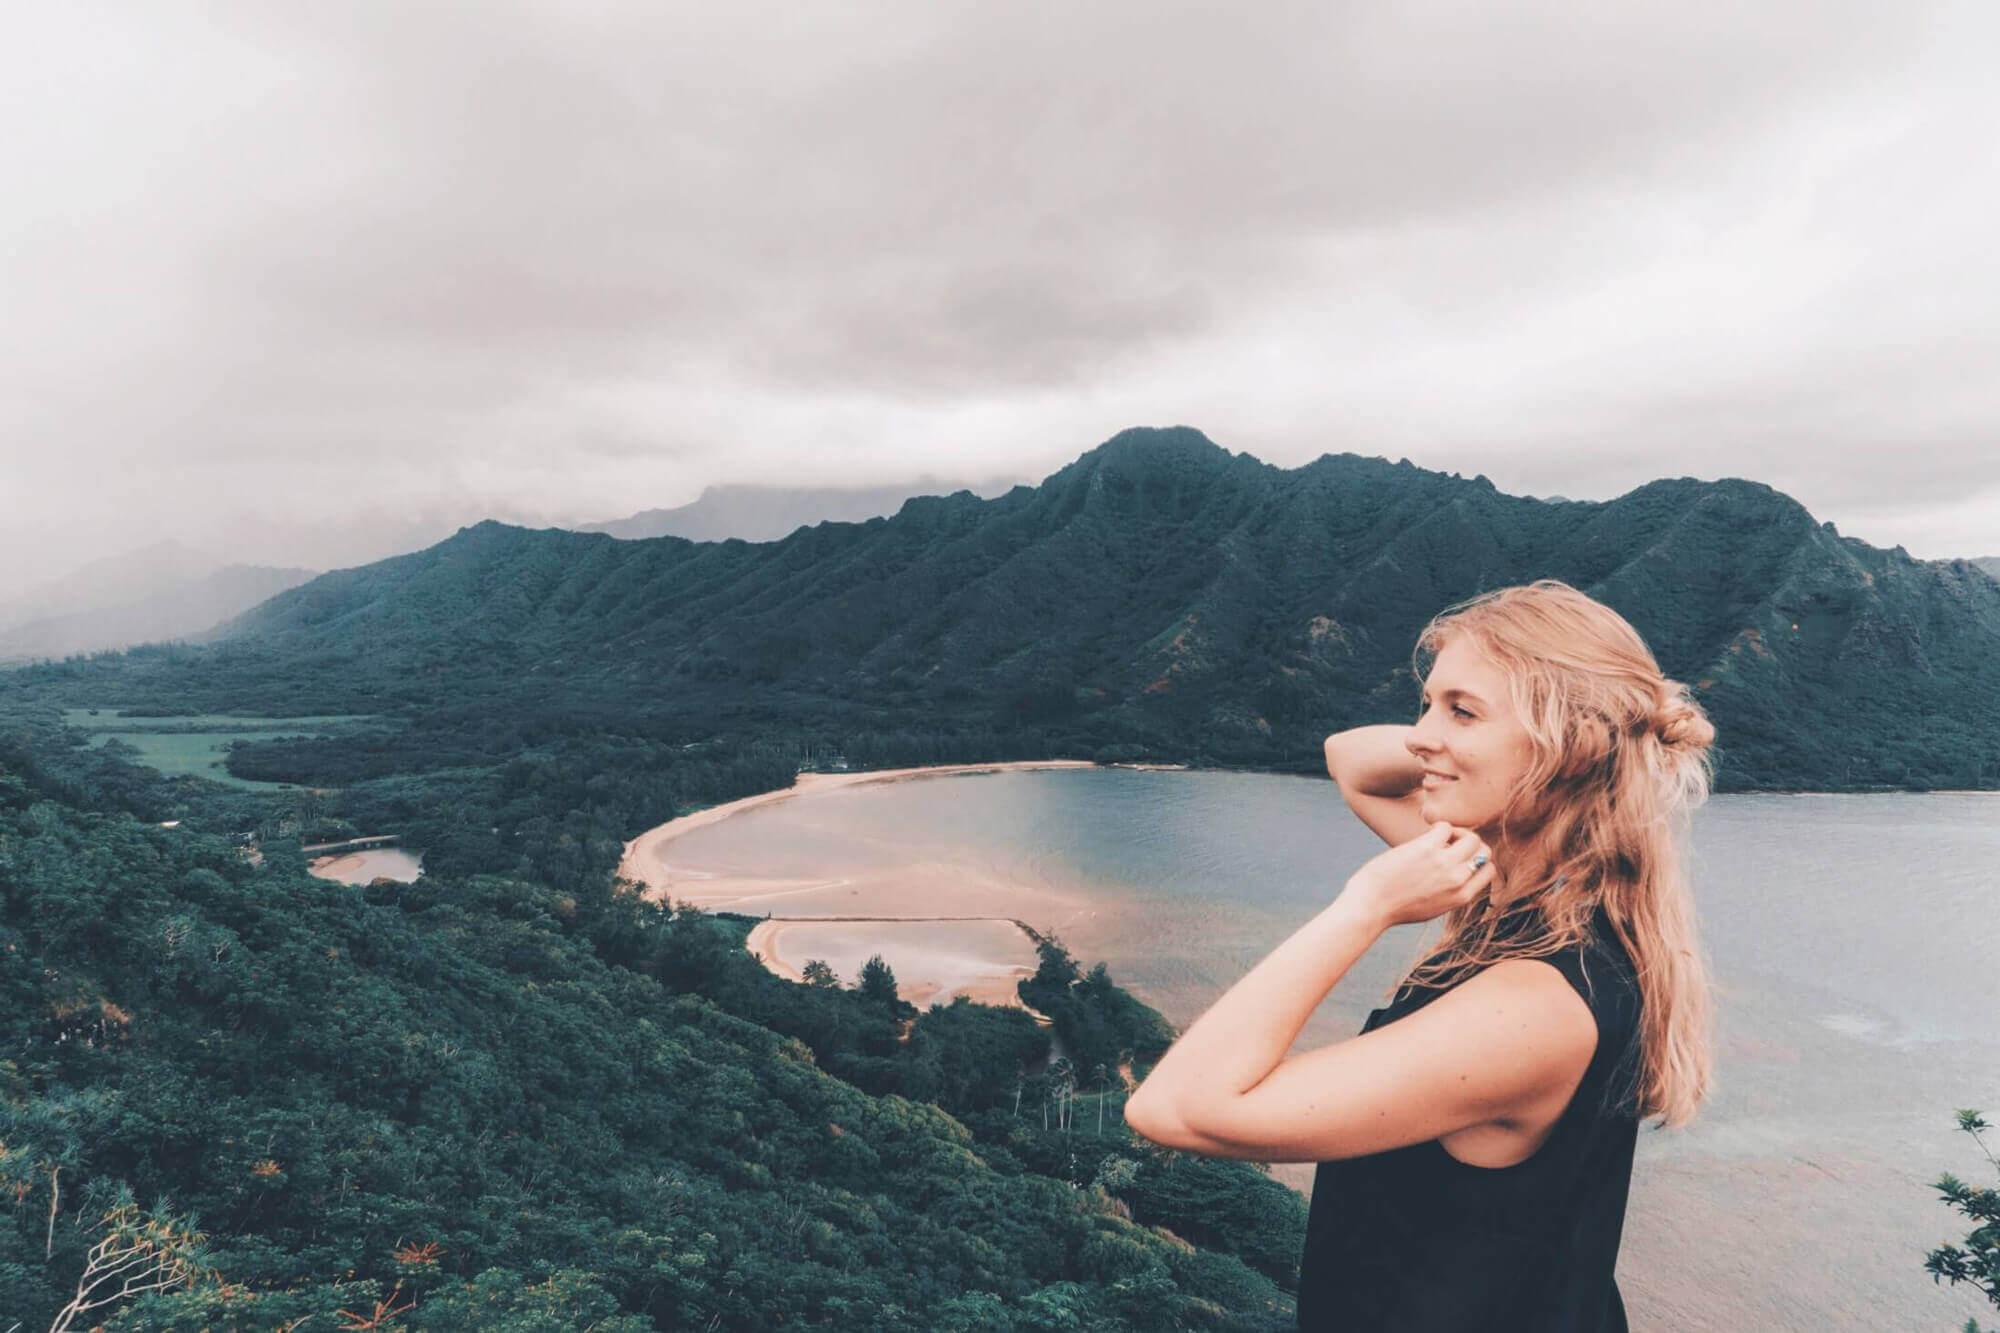 ueber-mich-bild-hawaii-annahunger-mediendesign